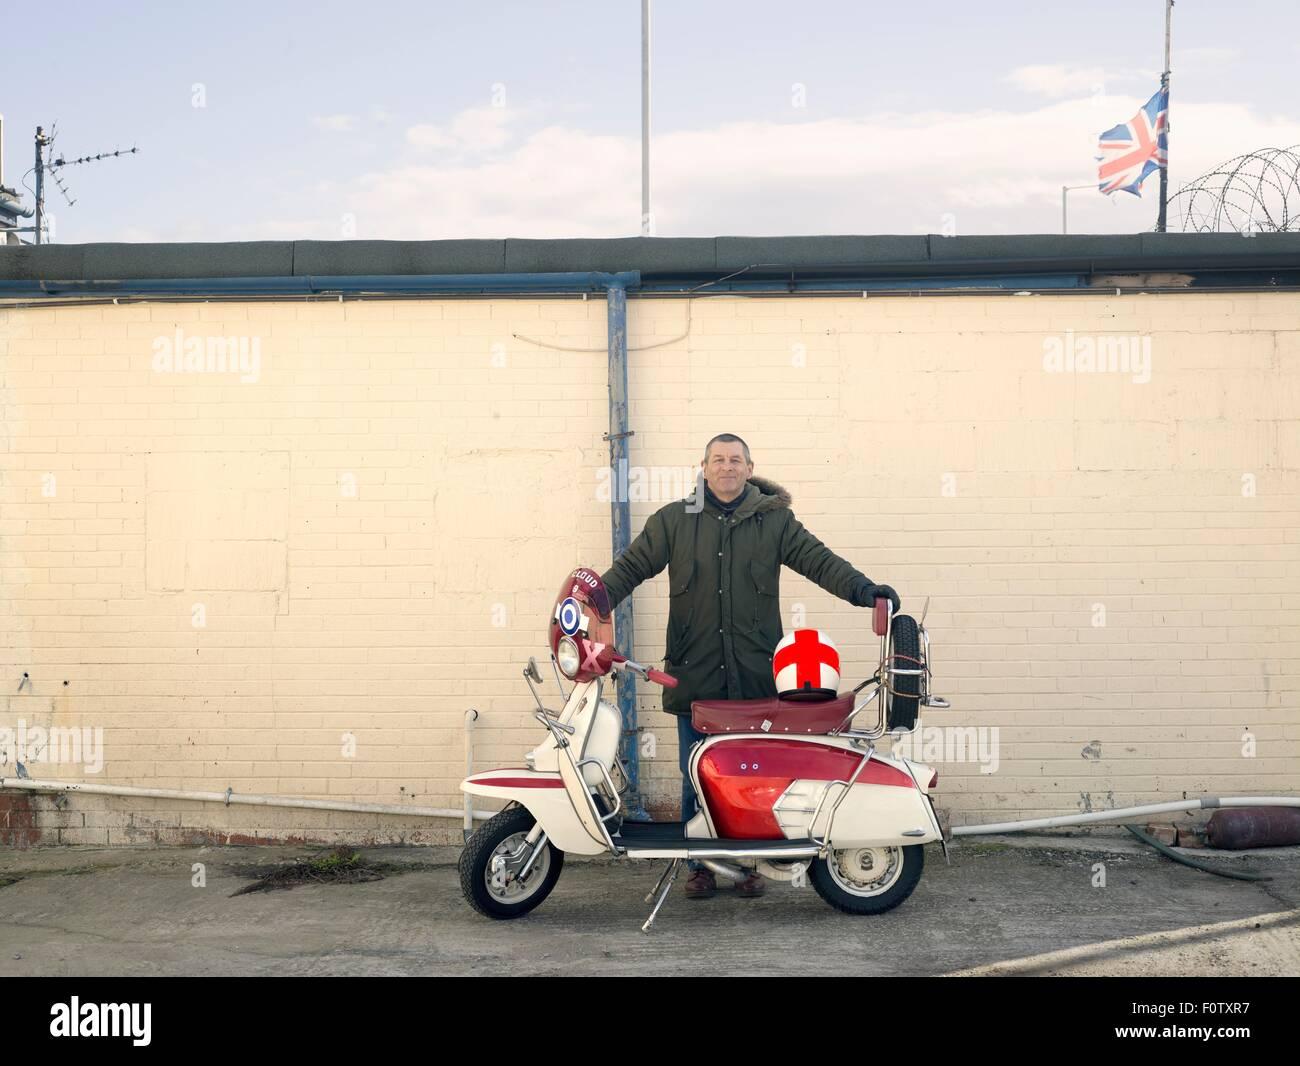 Portrait de mâle mature mod avec un cyclomoteur en face de wall Photo Stock